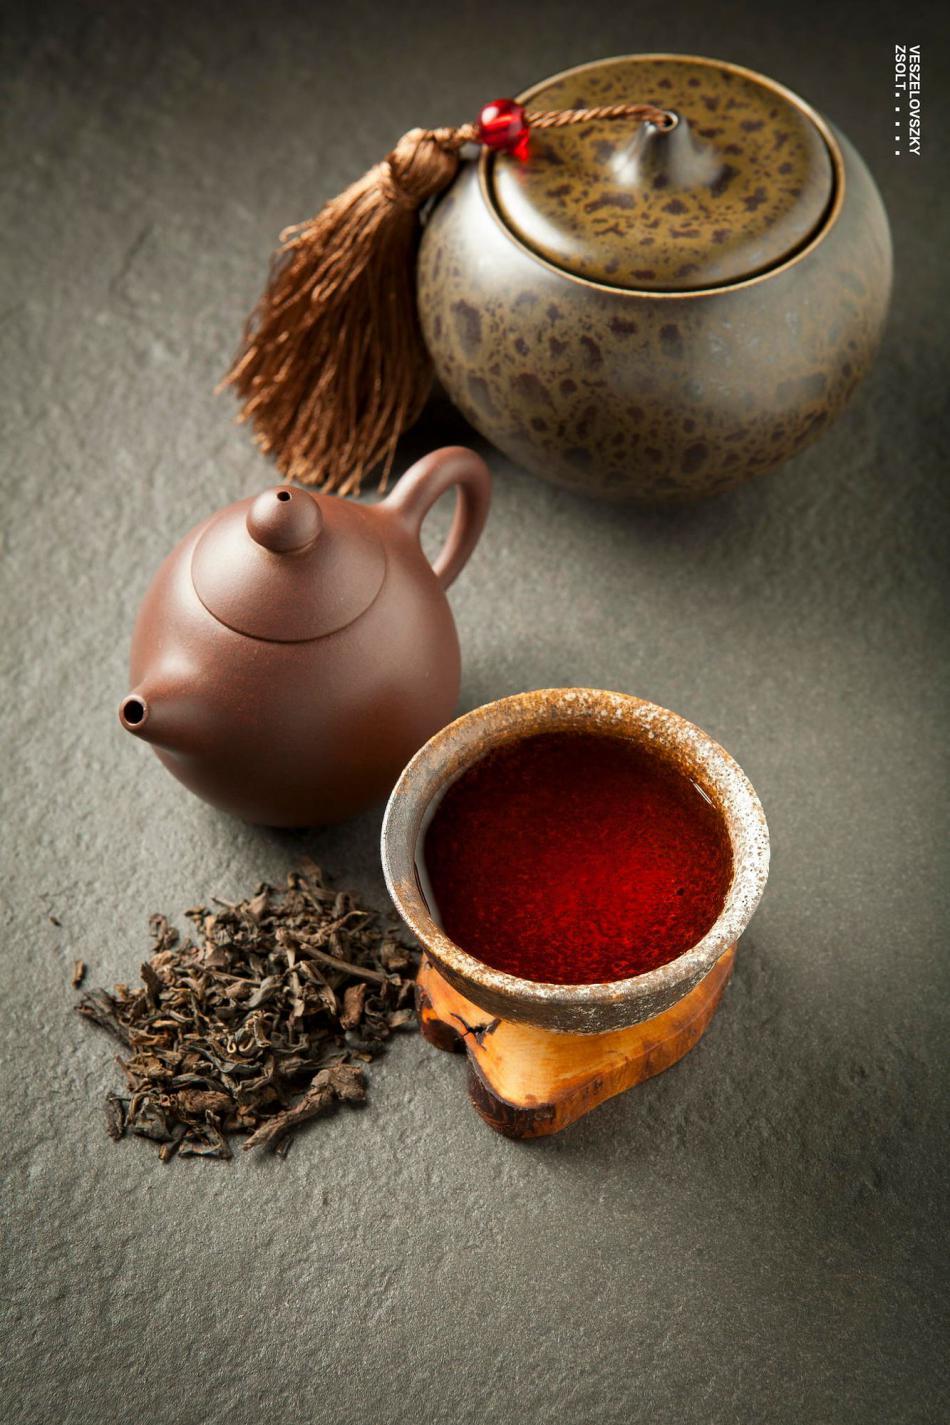 伴茶圣以助茶香